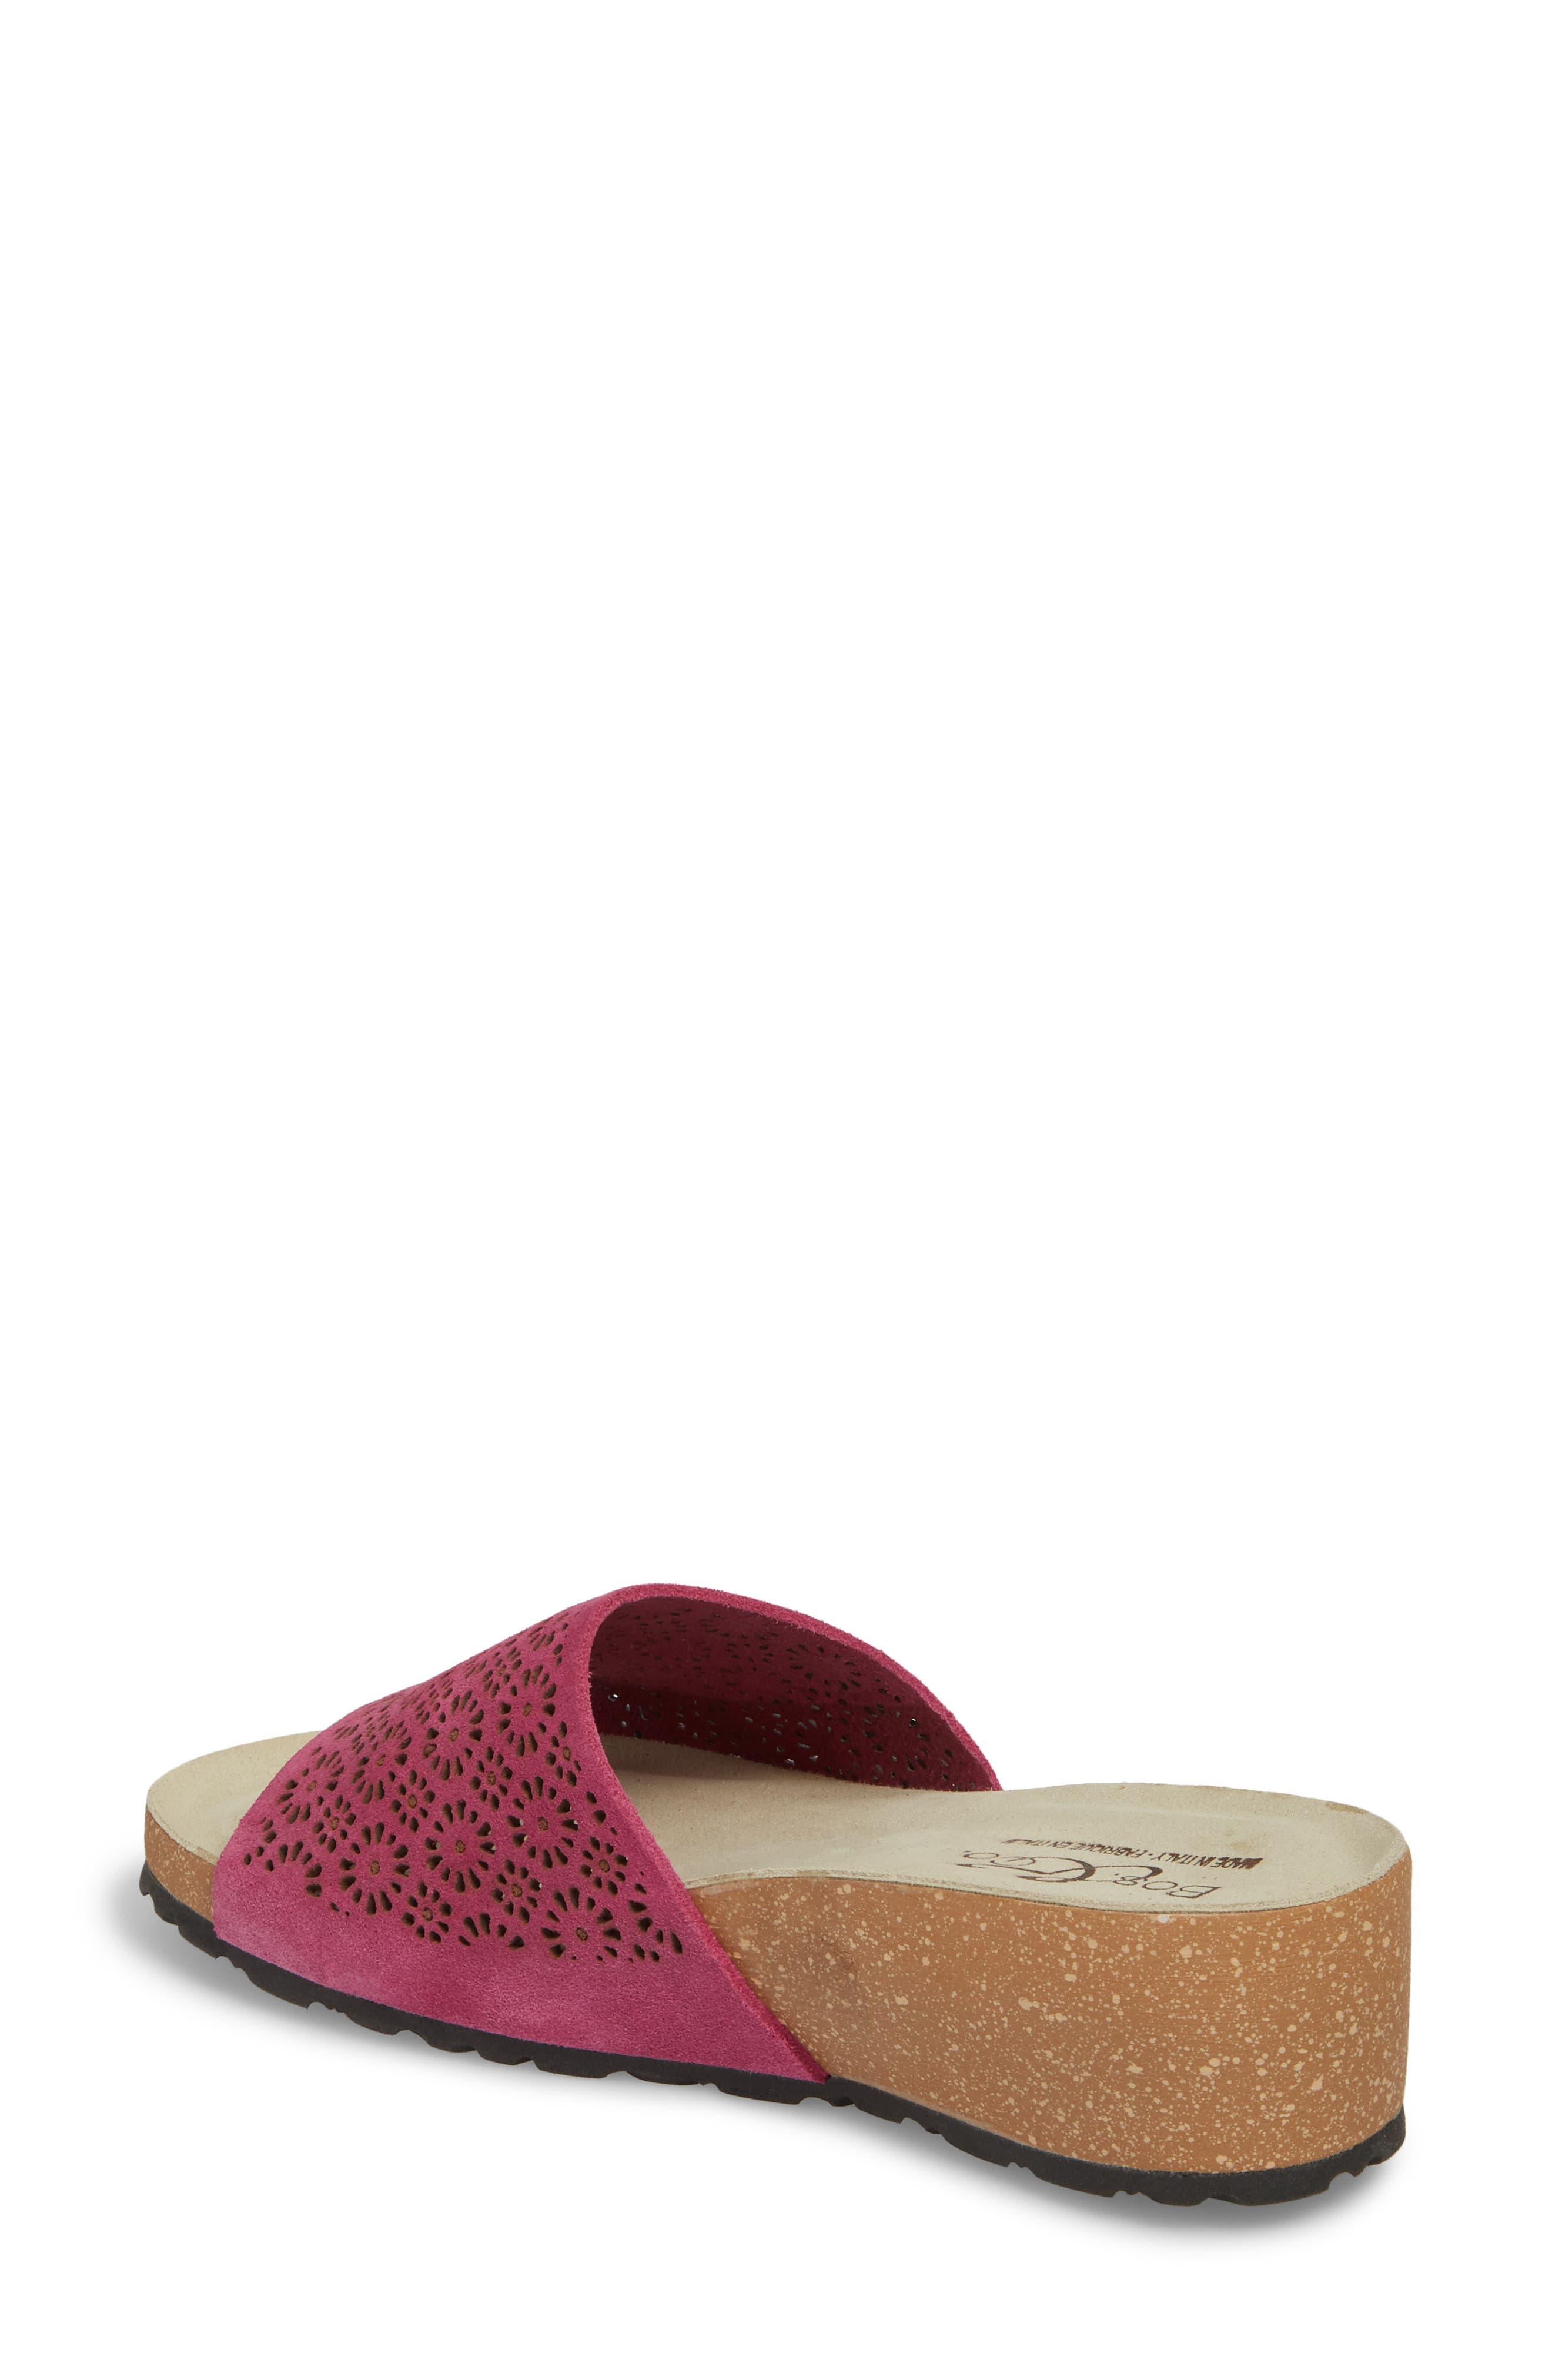 Loa Wedge Slide Sandal,                             Alternate thumbnail 2, color,                             Fuchsia Suede